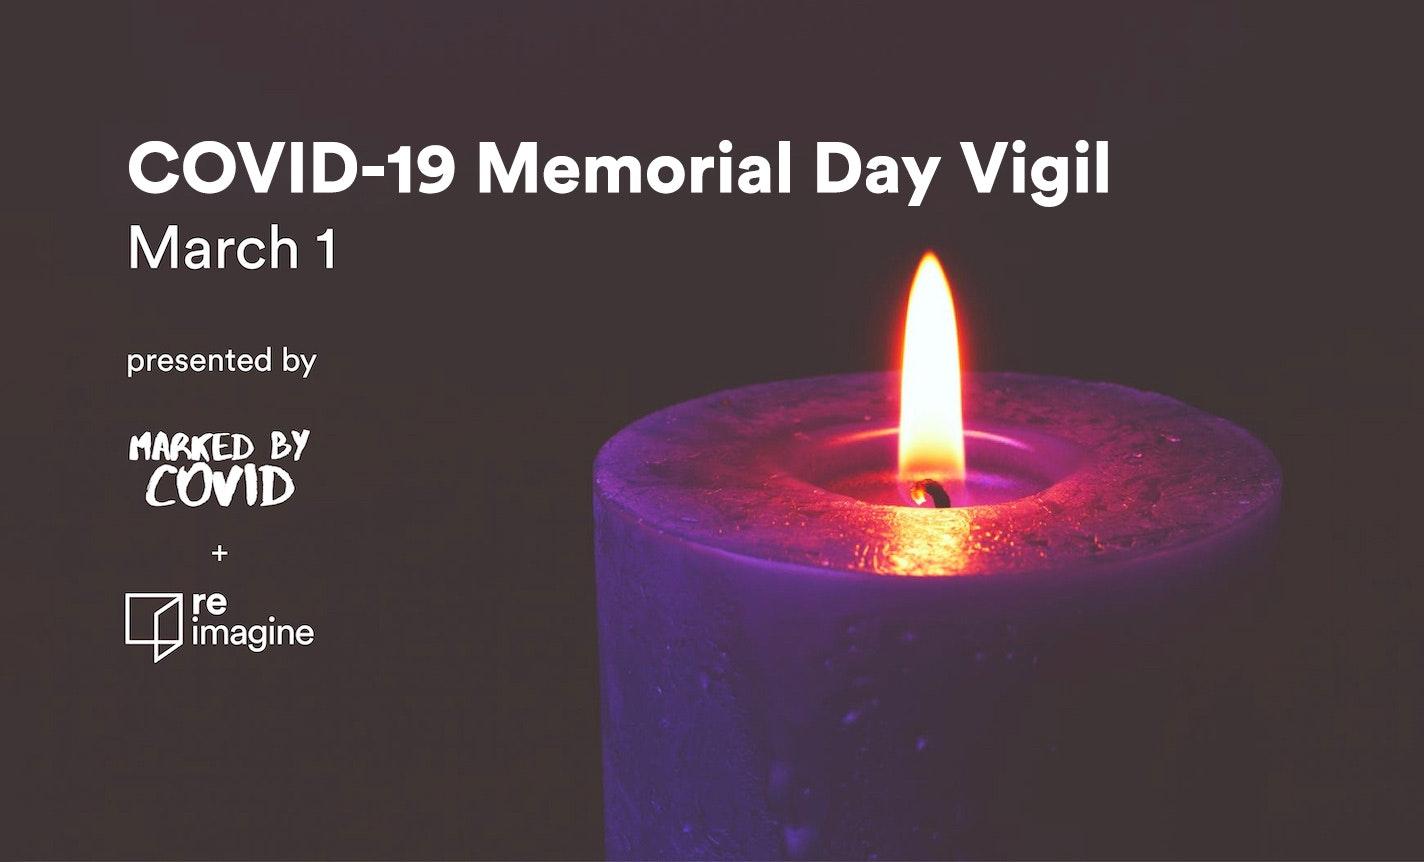 COVID-19 Memorial Day Vigil